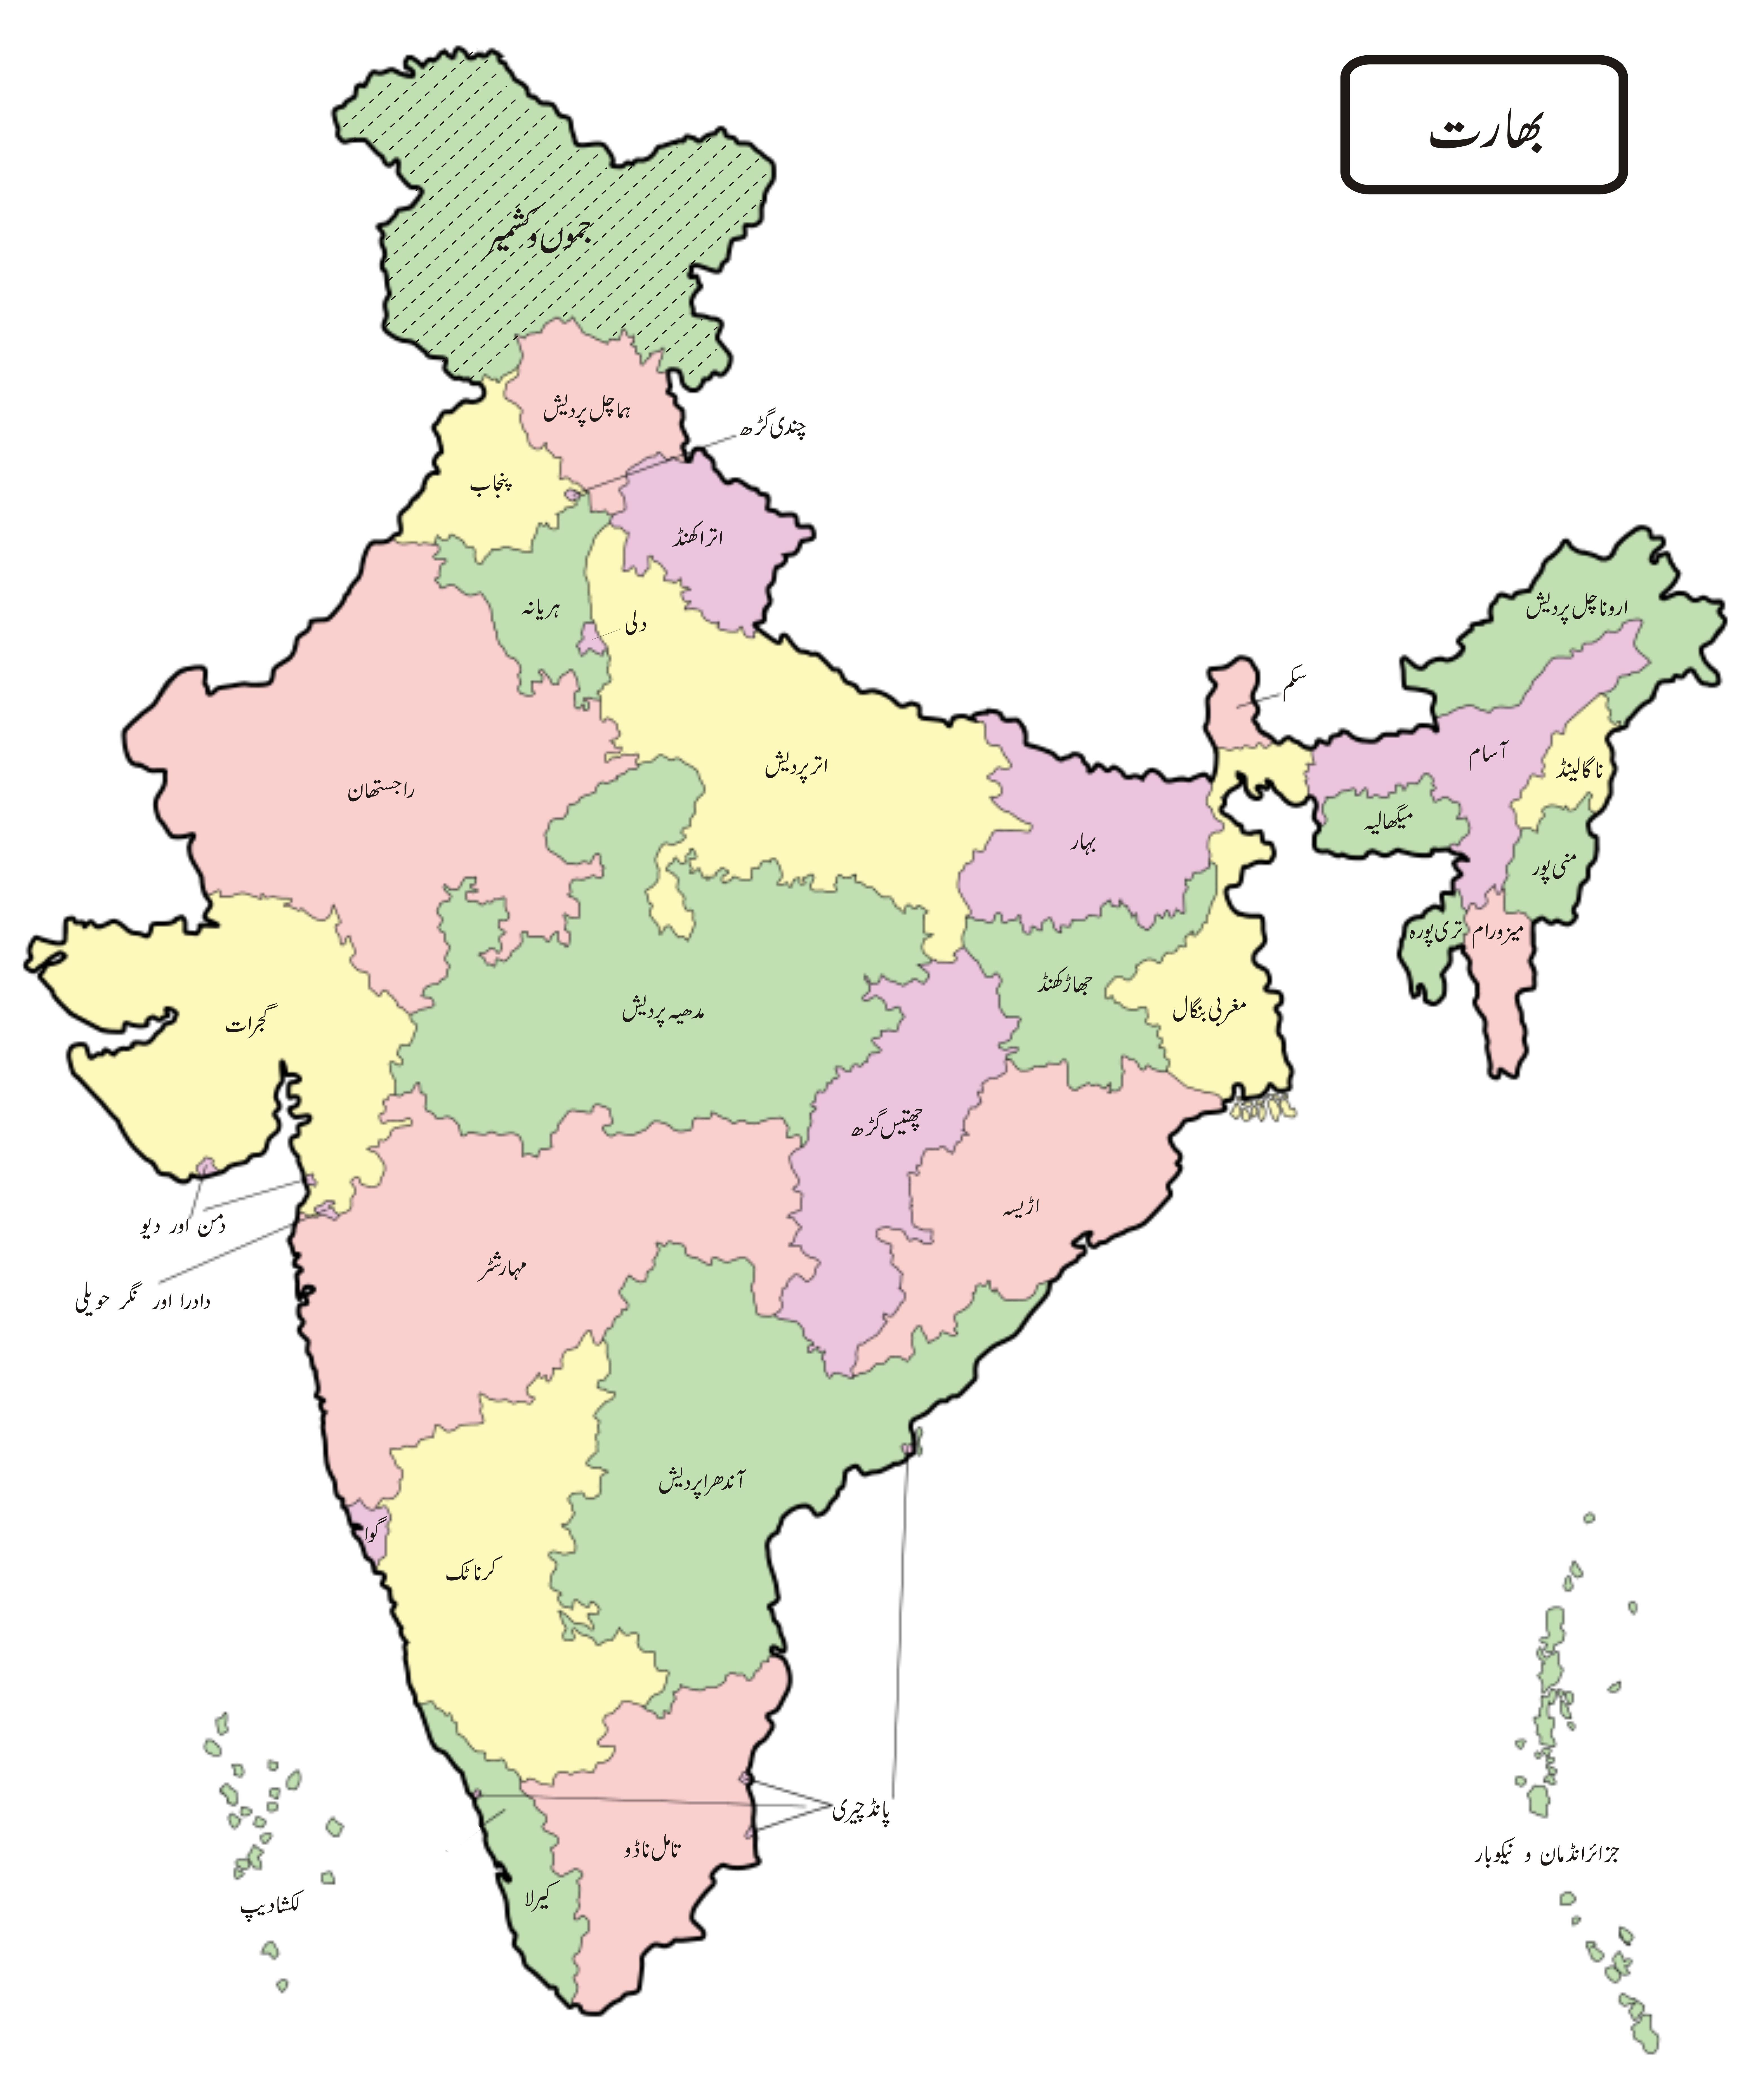 FileIndiamapurjpg Wikimedia Commons